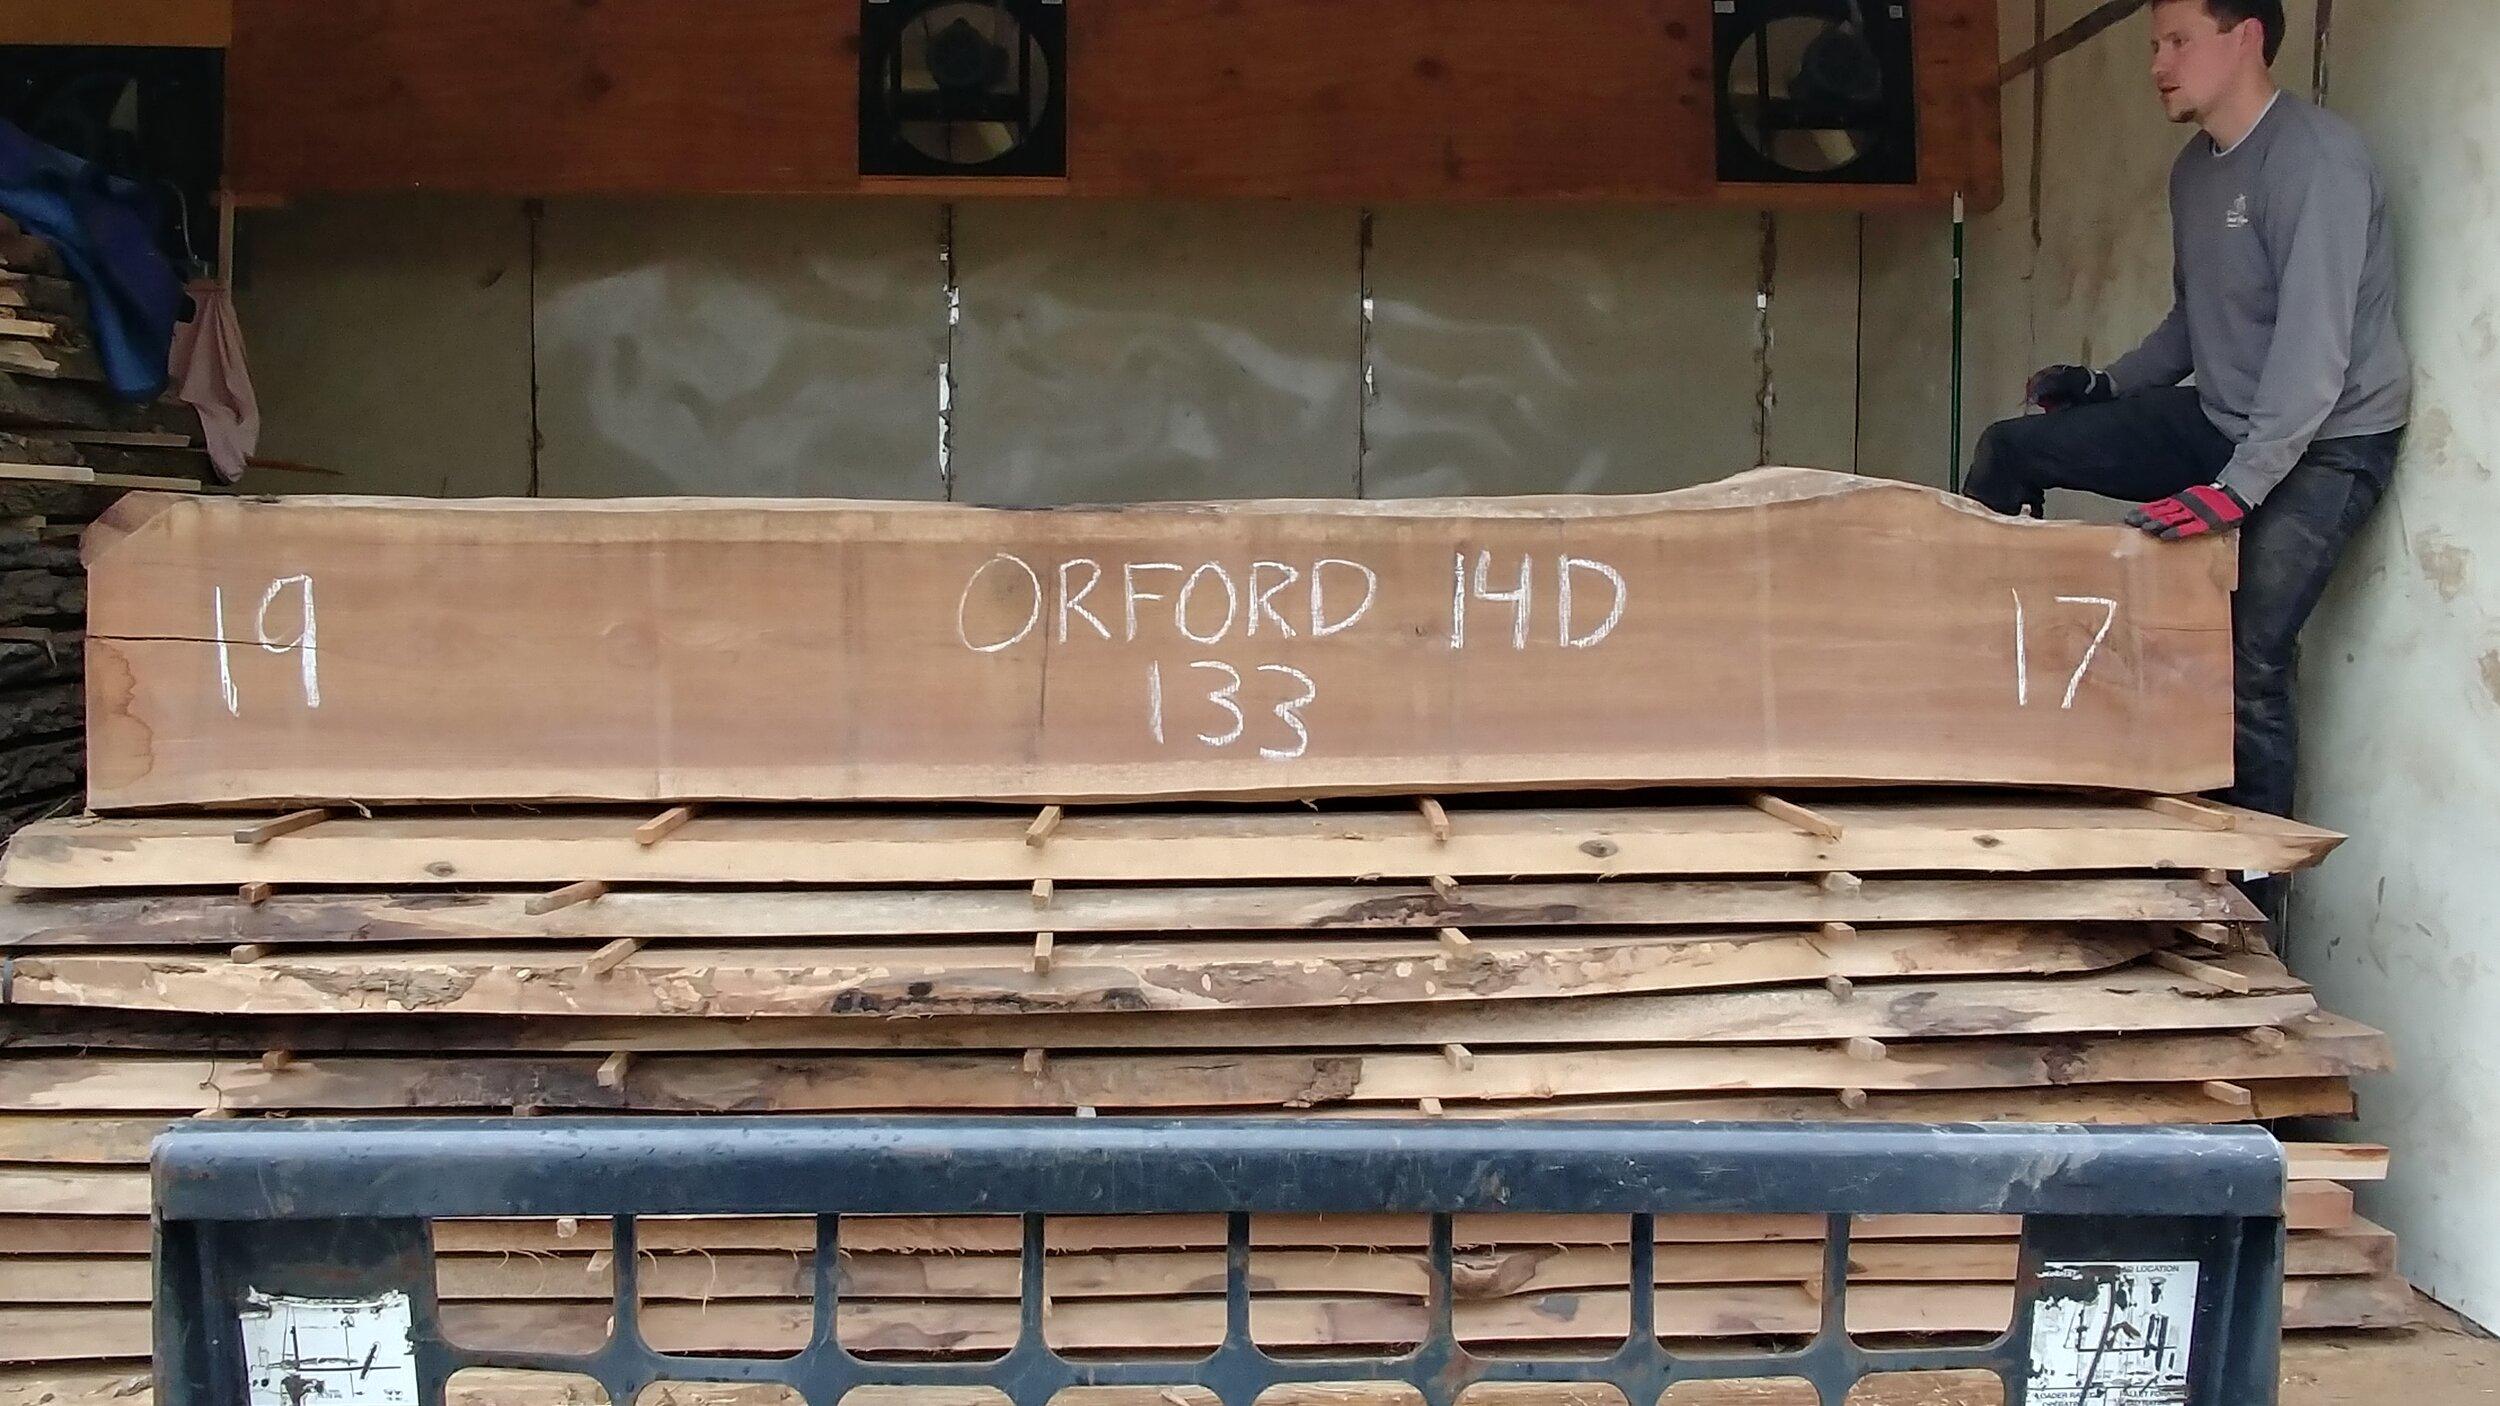 Orford 14D.jpg